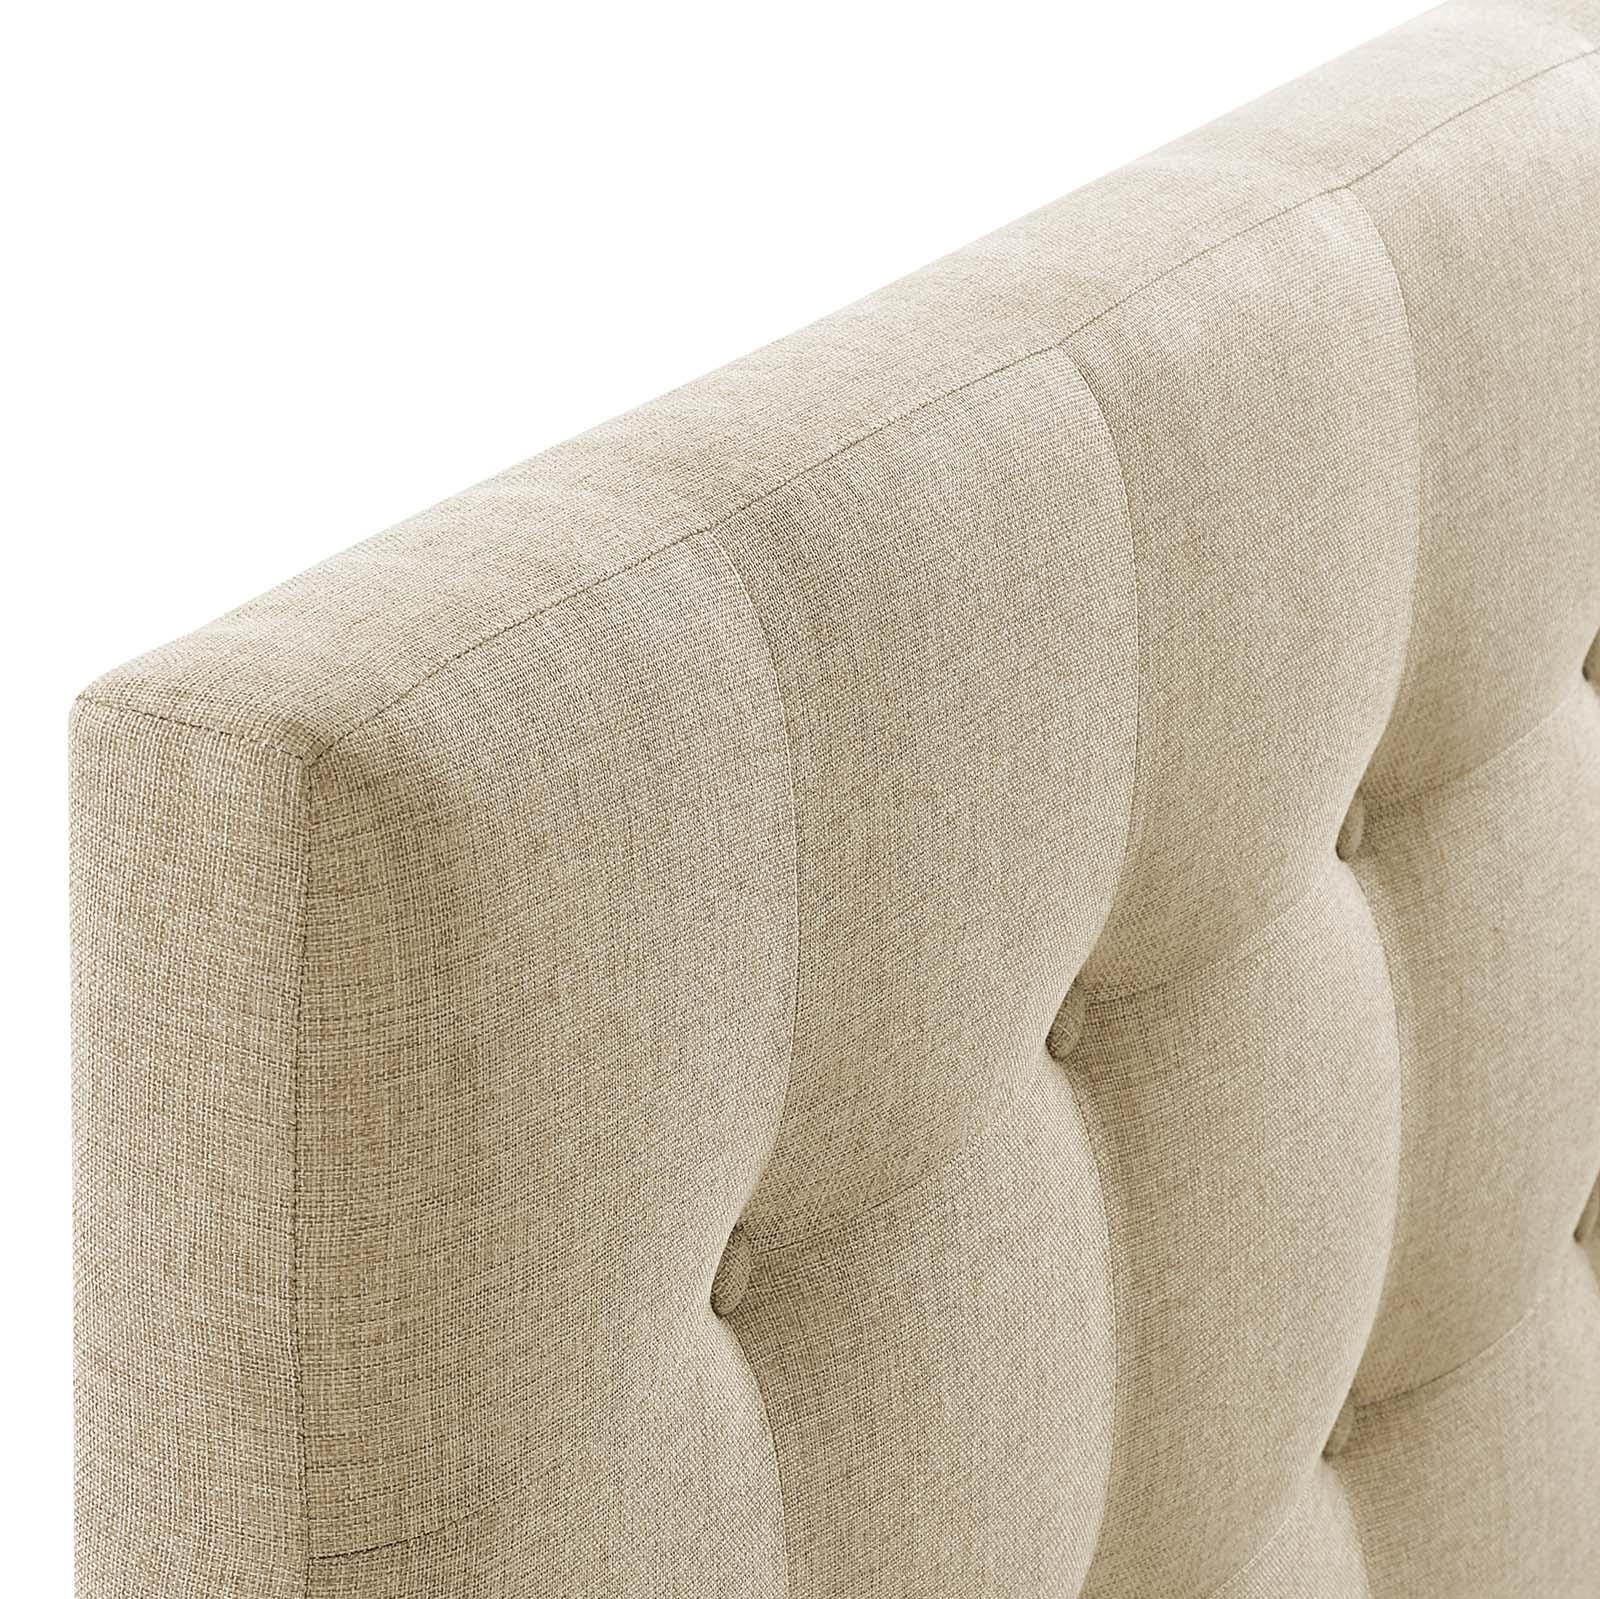 Emily Queen Upholstered Fabric Headboard in Beige